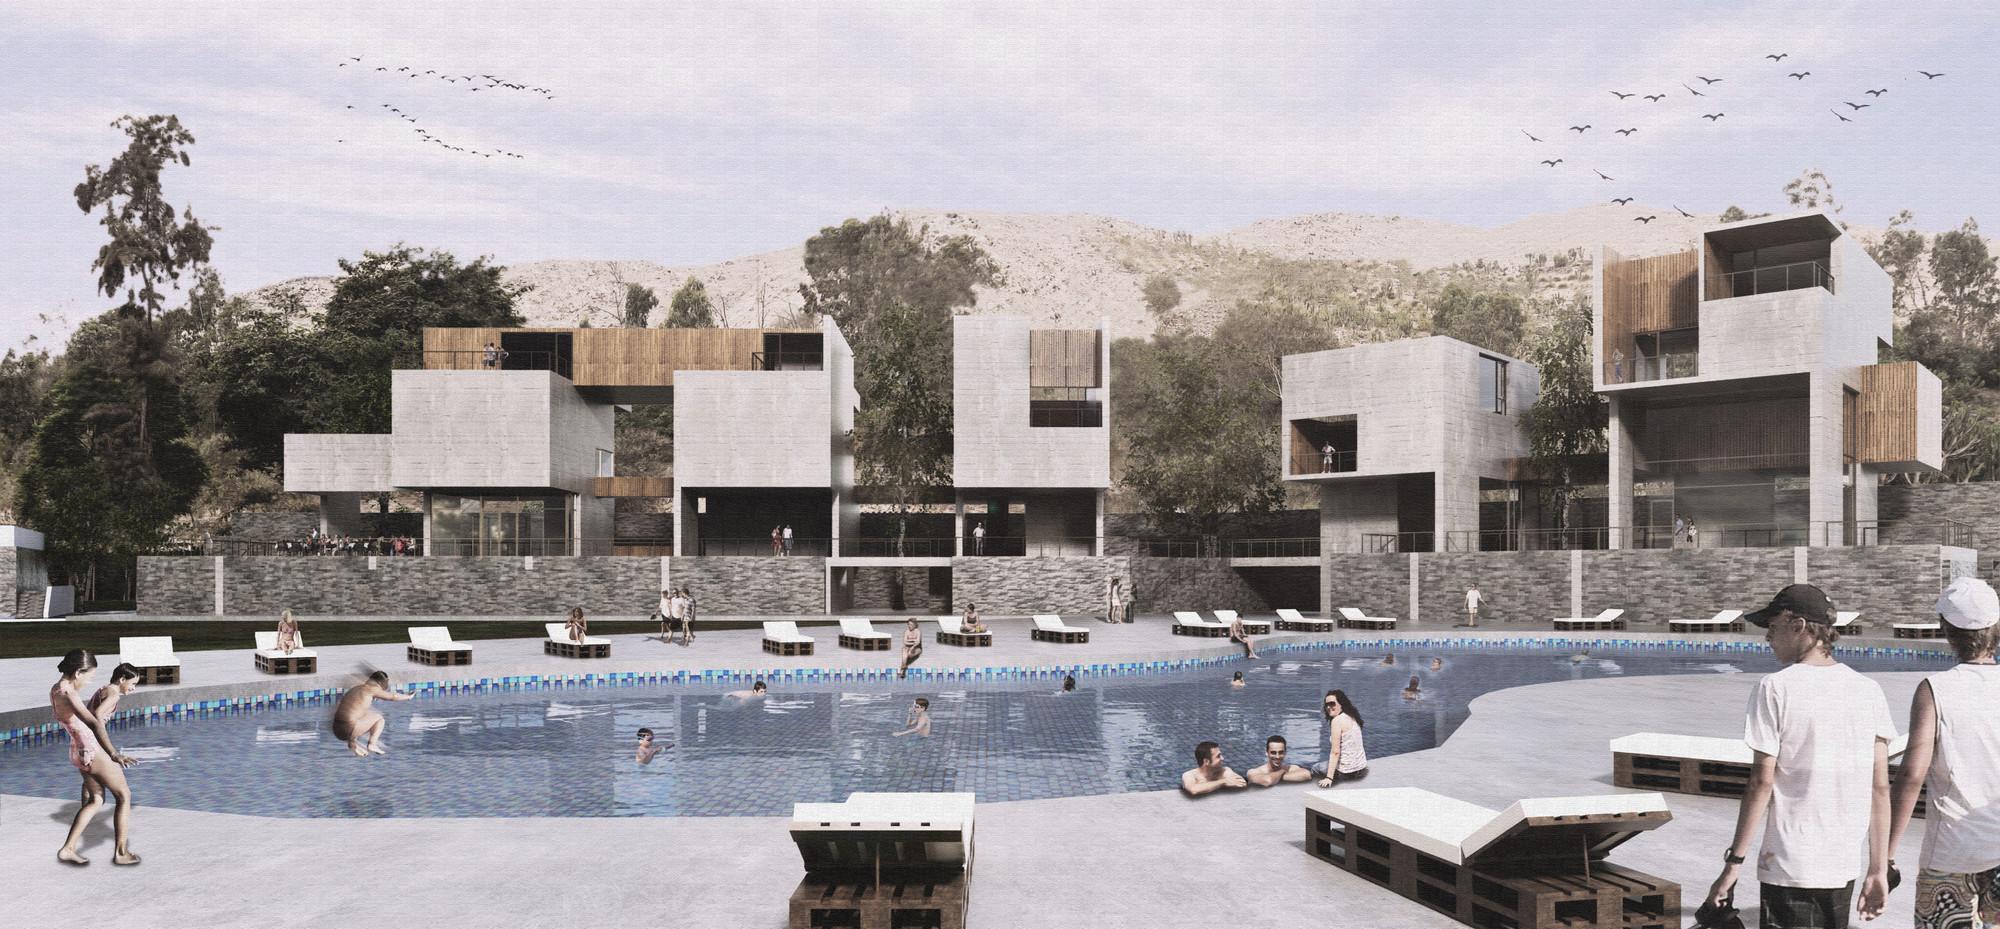 Seinfeld Arquitectos + Tandem Arquitectura, mención honrosa en concurso de nuevo edificio de Rinconada Club, Cortesia de Tandem Arquitectura y Seinfeld Arquitectos